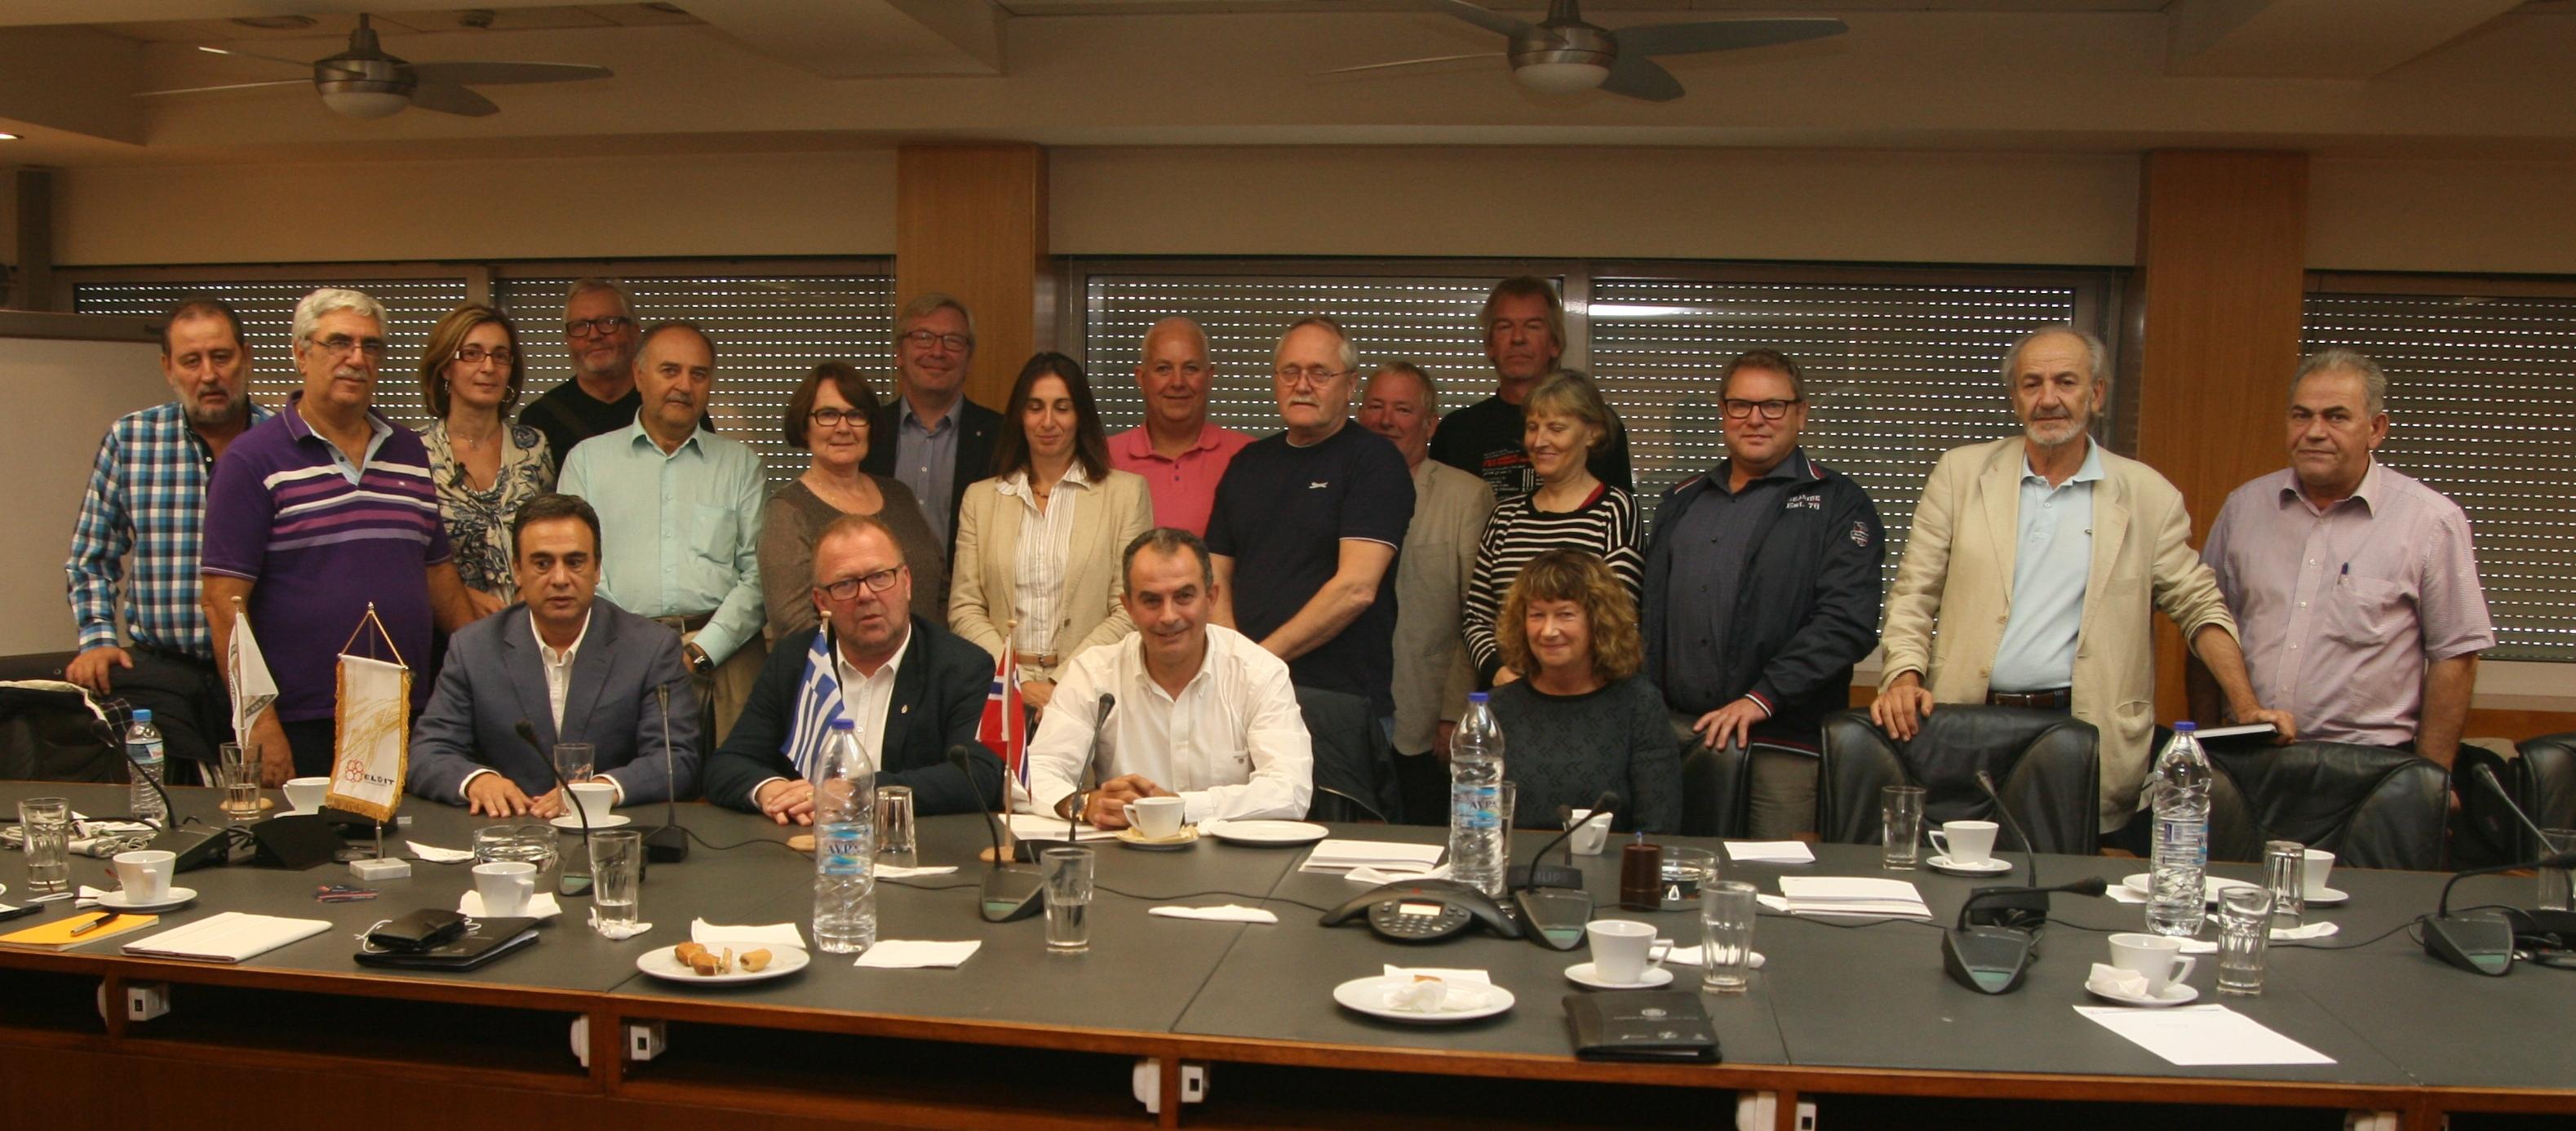 Συνάντηση ΓΕΝΟΠ με το νορβηγικό συνδικάτο εργαζομένων στην Ενέργεια